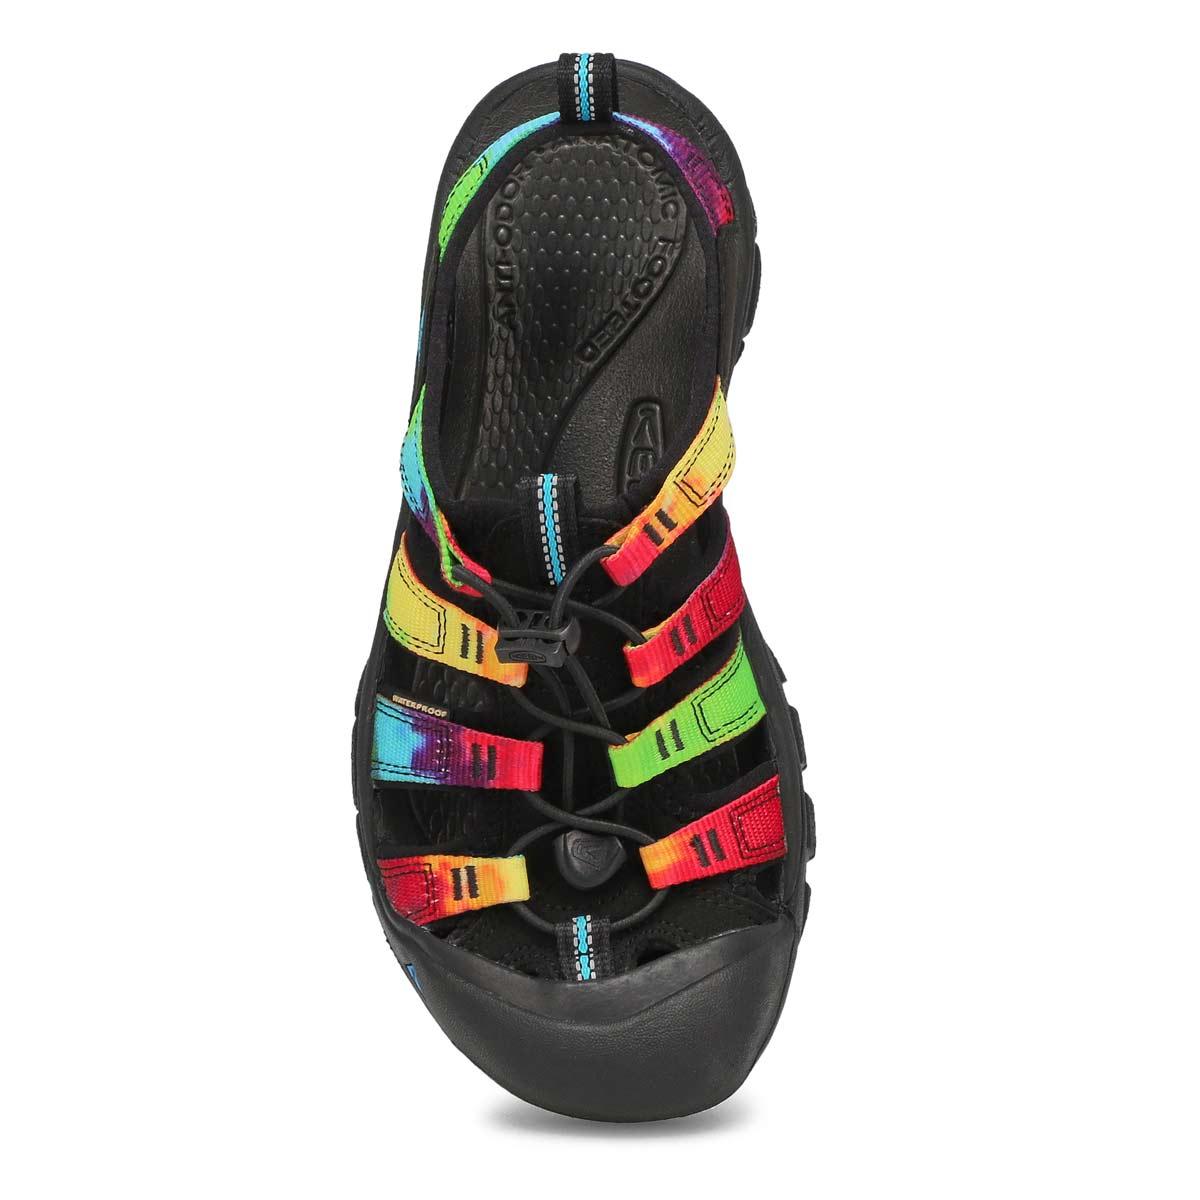 Lds Newport Retro tie dye sport sandal